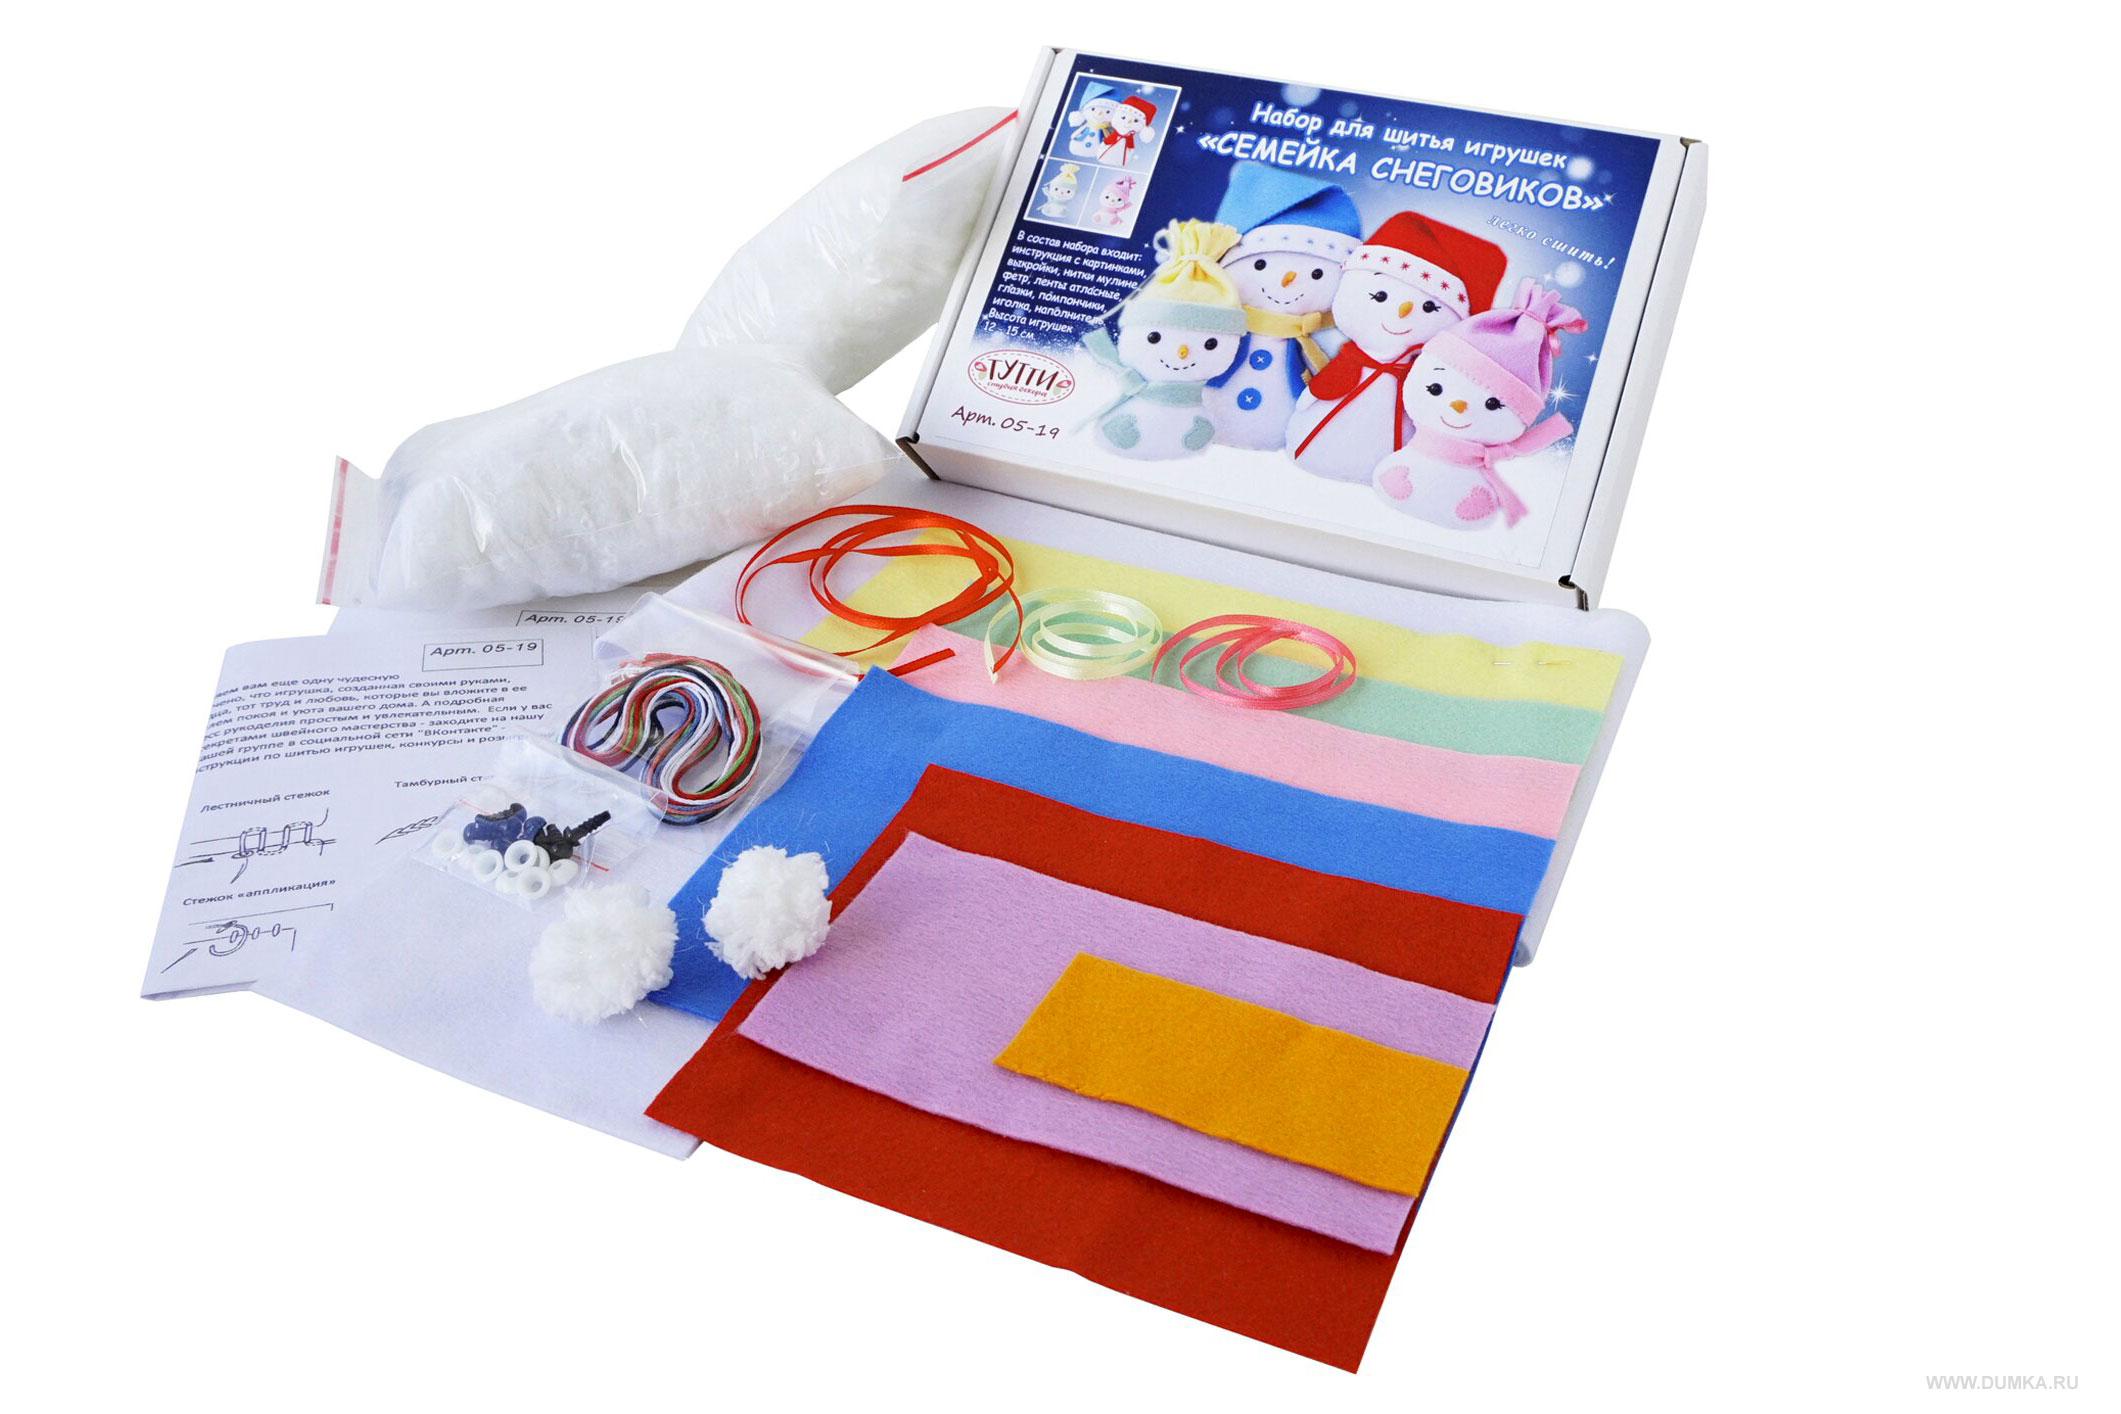 Набор для шитья игрушки «Семейка Снеговиков» - фотография 3